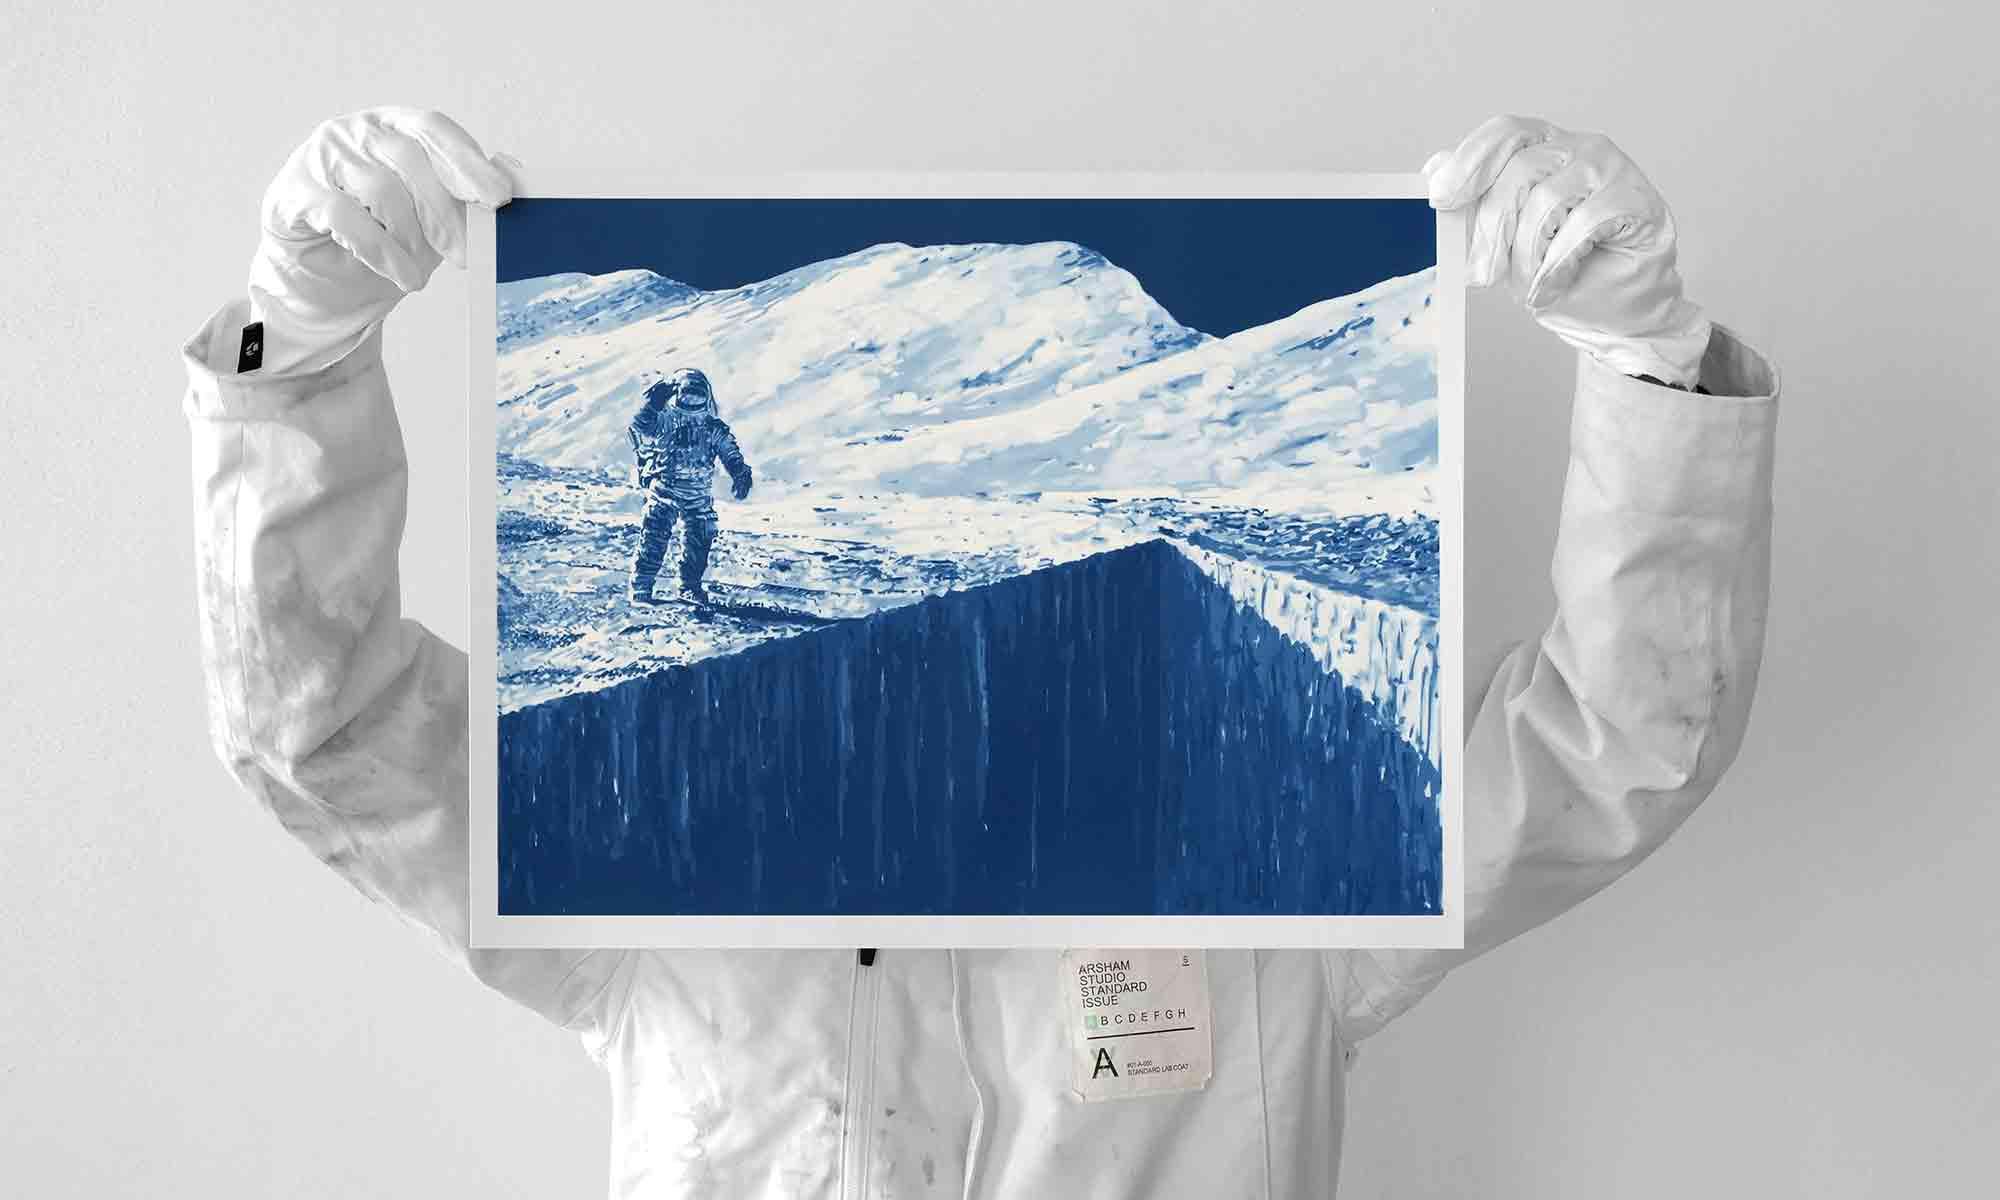 丹尼尔·阿尔轩与 Archive Editions 发布版画作品《月球》